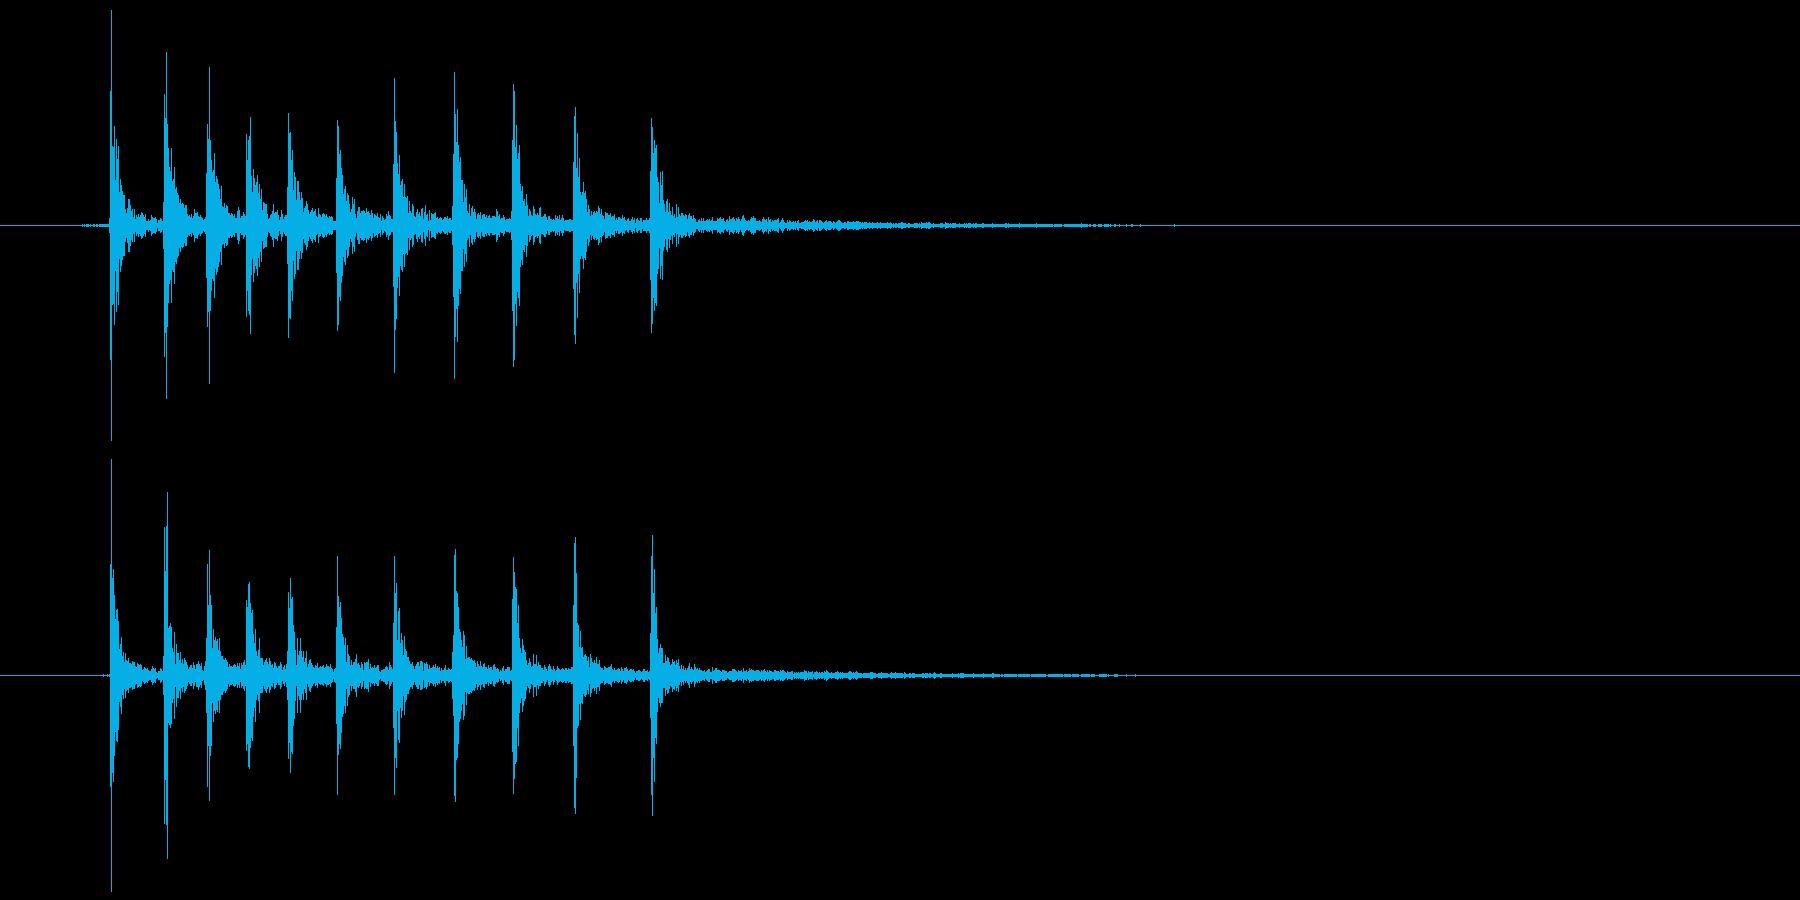 ゼンマイを巻く (キリッ)の再生済みの波形